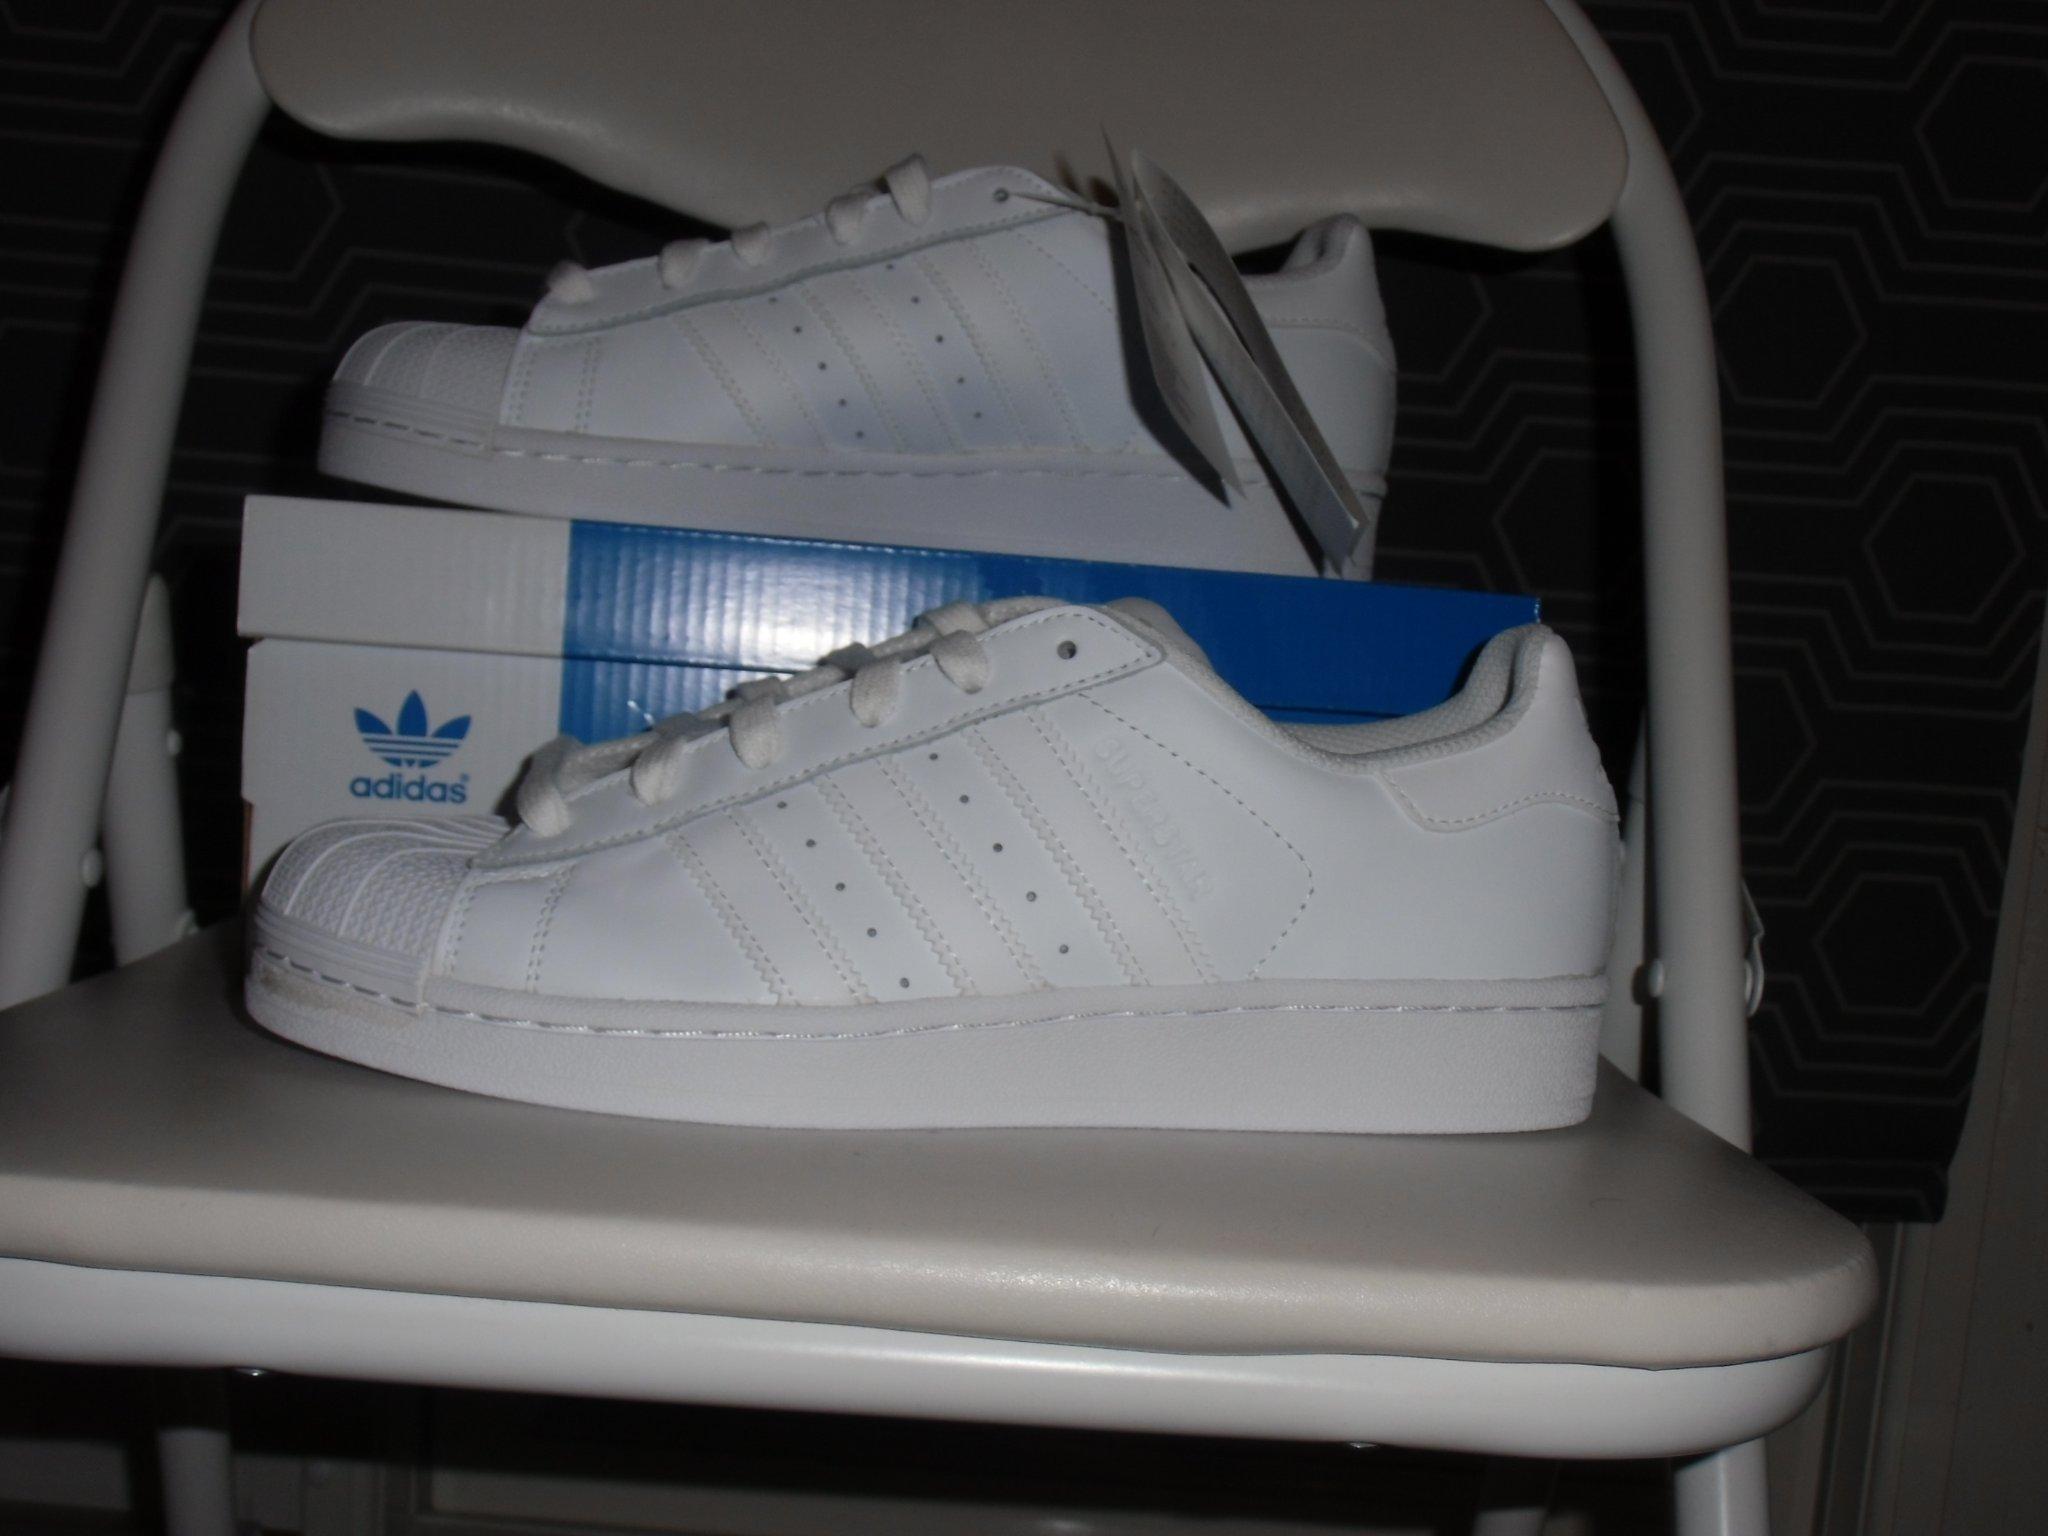 REA | Adidas Originals Babyskor (Storlekar 16 27) Skor